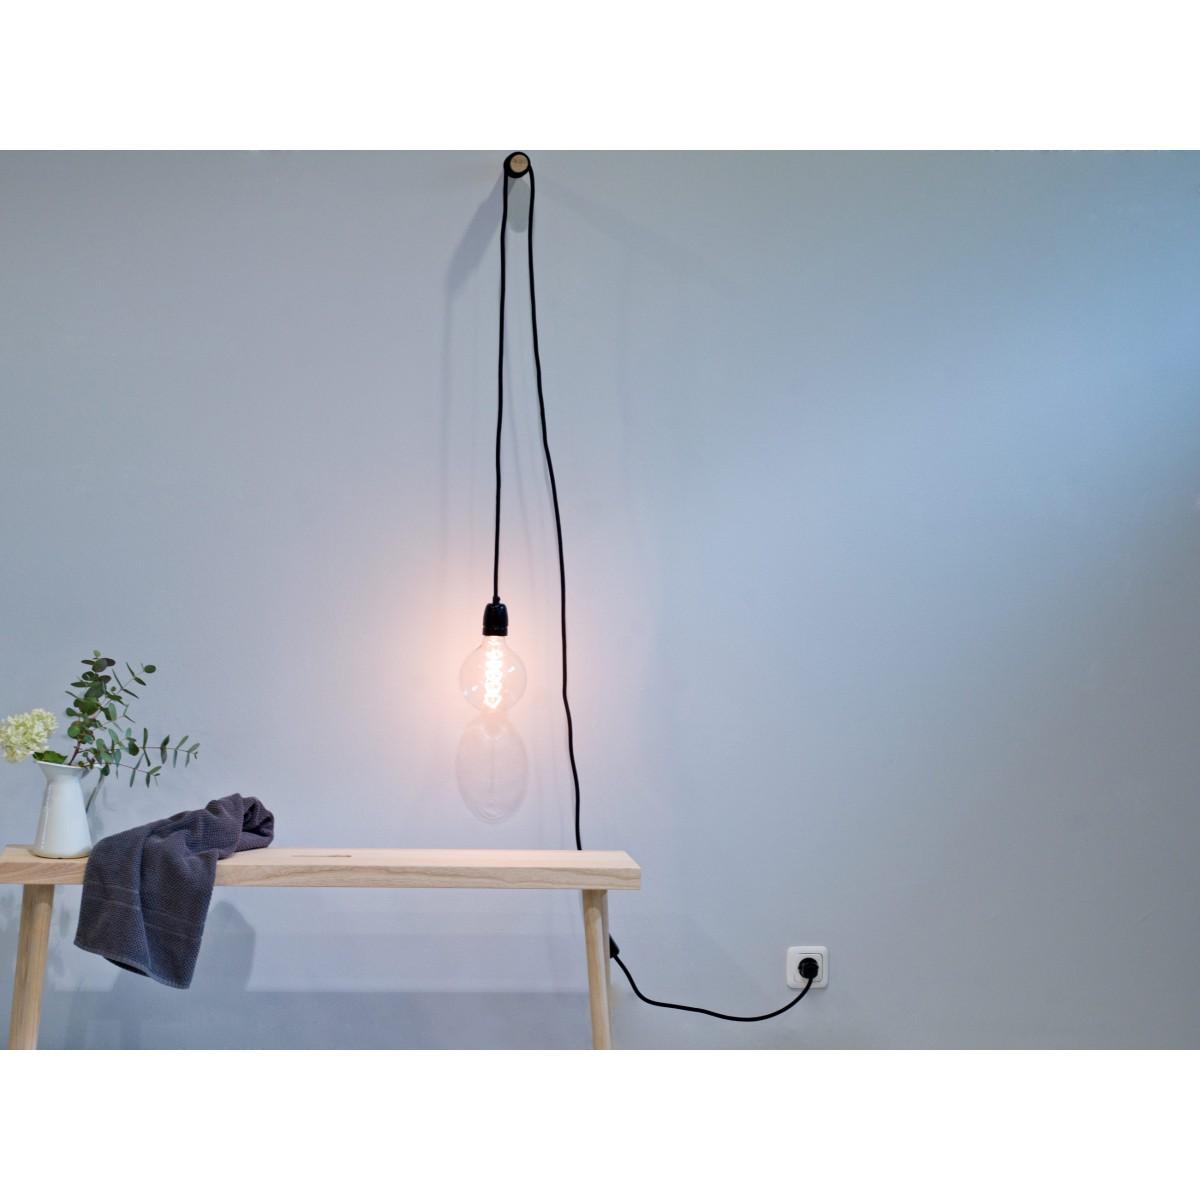 LAMPI, flexible Wandleuchte von kommod